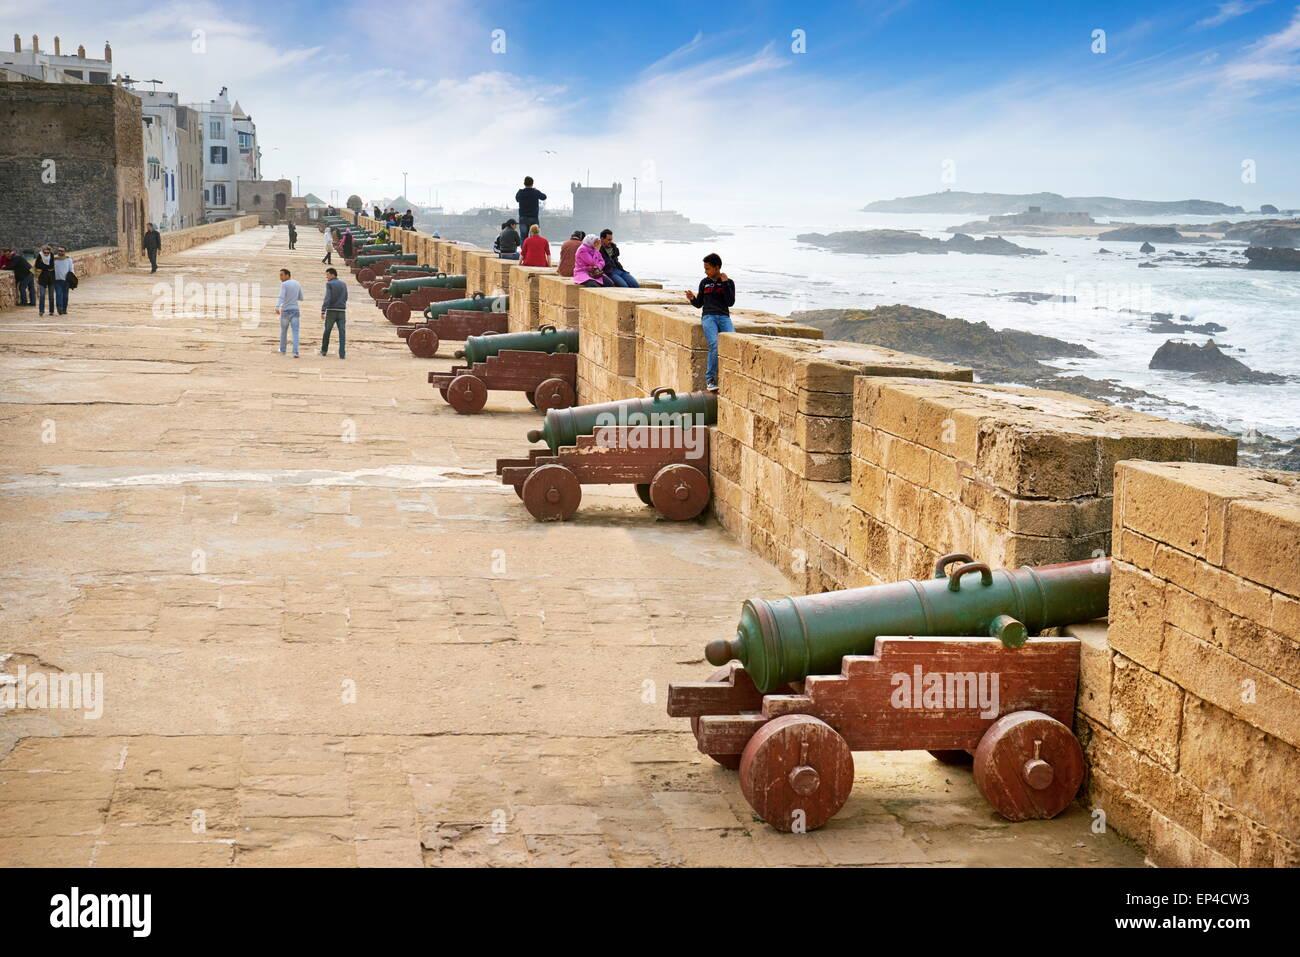 Essaouira, ville fortifiée remparts côtières sont canons du 17ème siècle. Maroc Photo Stock